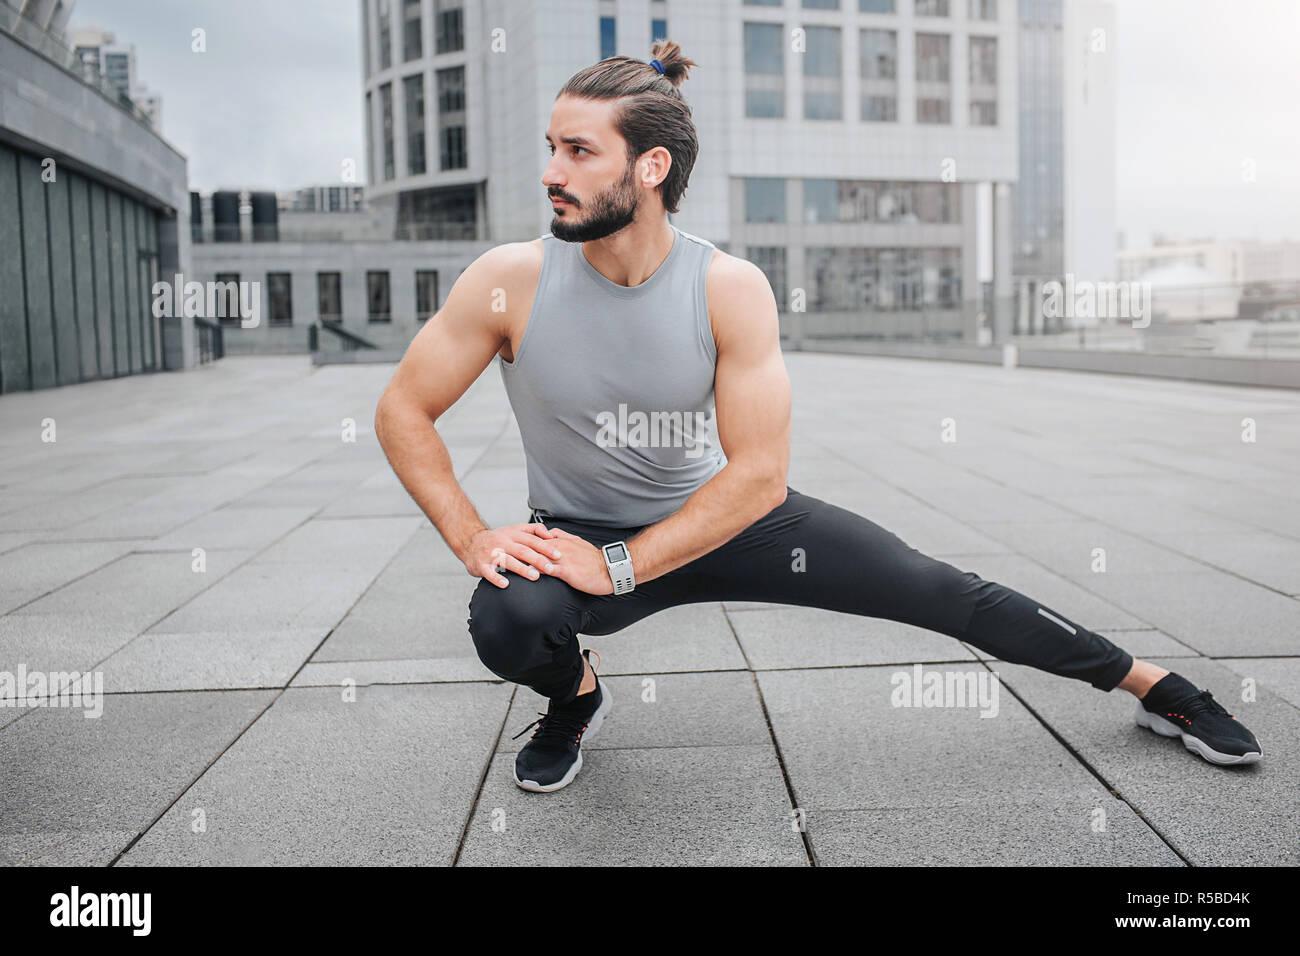 Immagine Del Giovane Uomo Stratching La Gamba E Il Riscaldamento Egli Fa Piccoli Esercizi Per Le